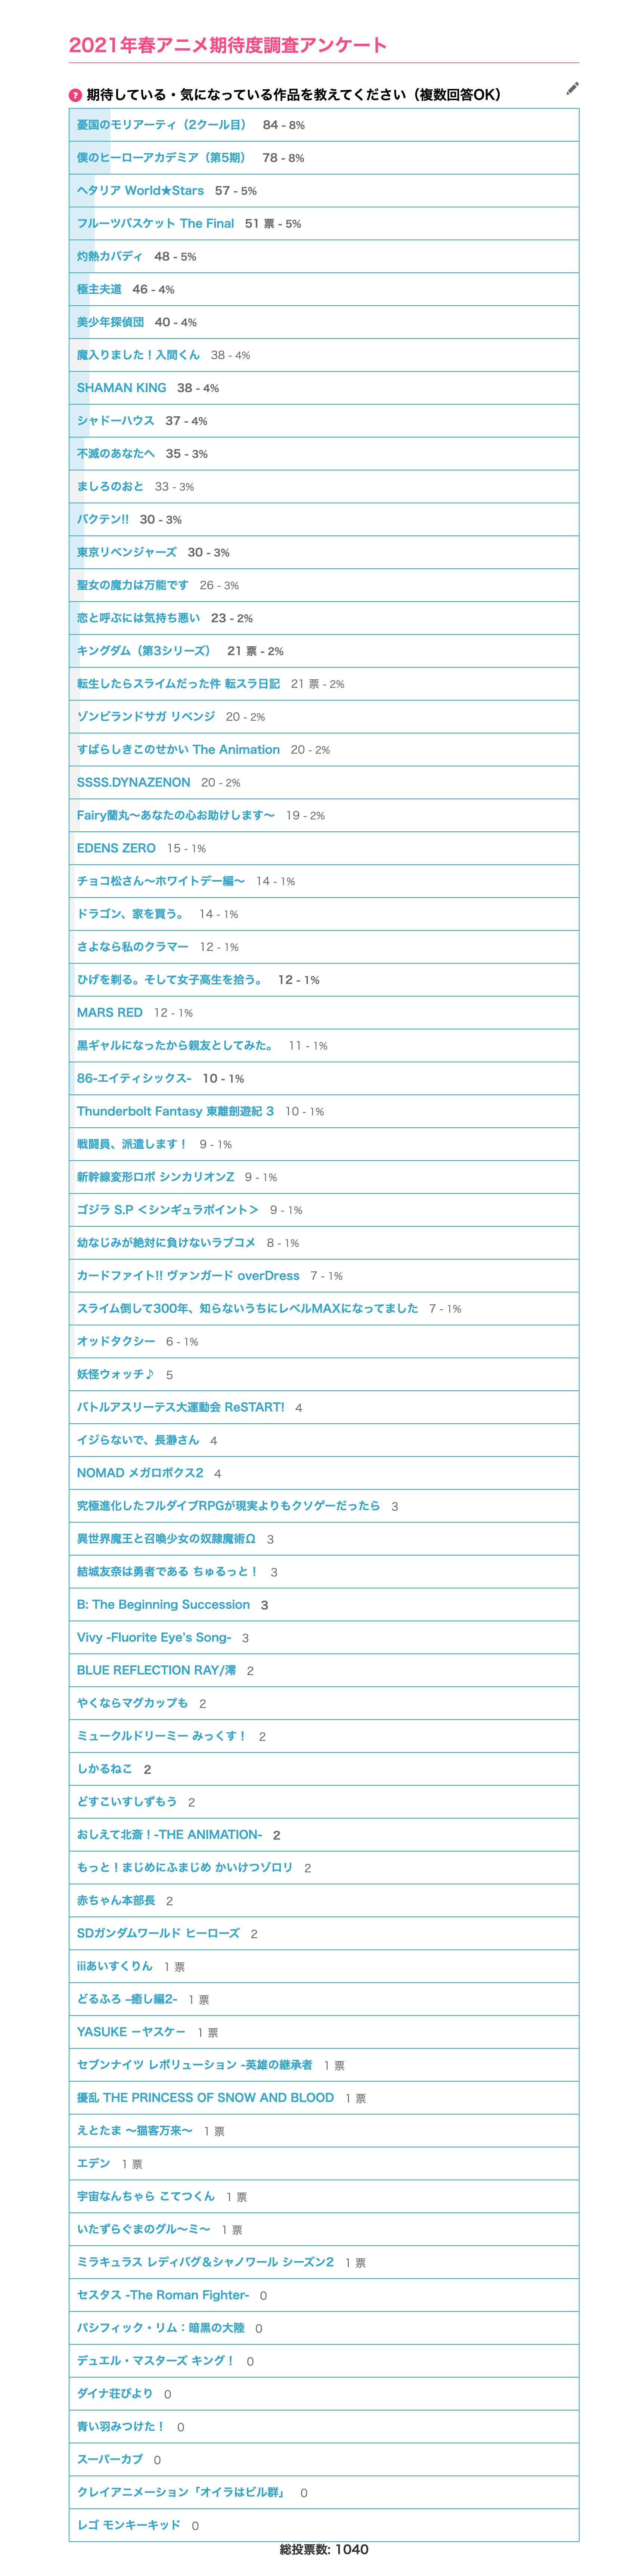 春アニメ期待度調査結果